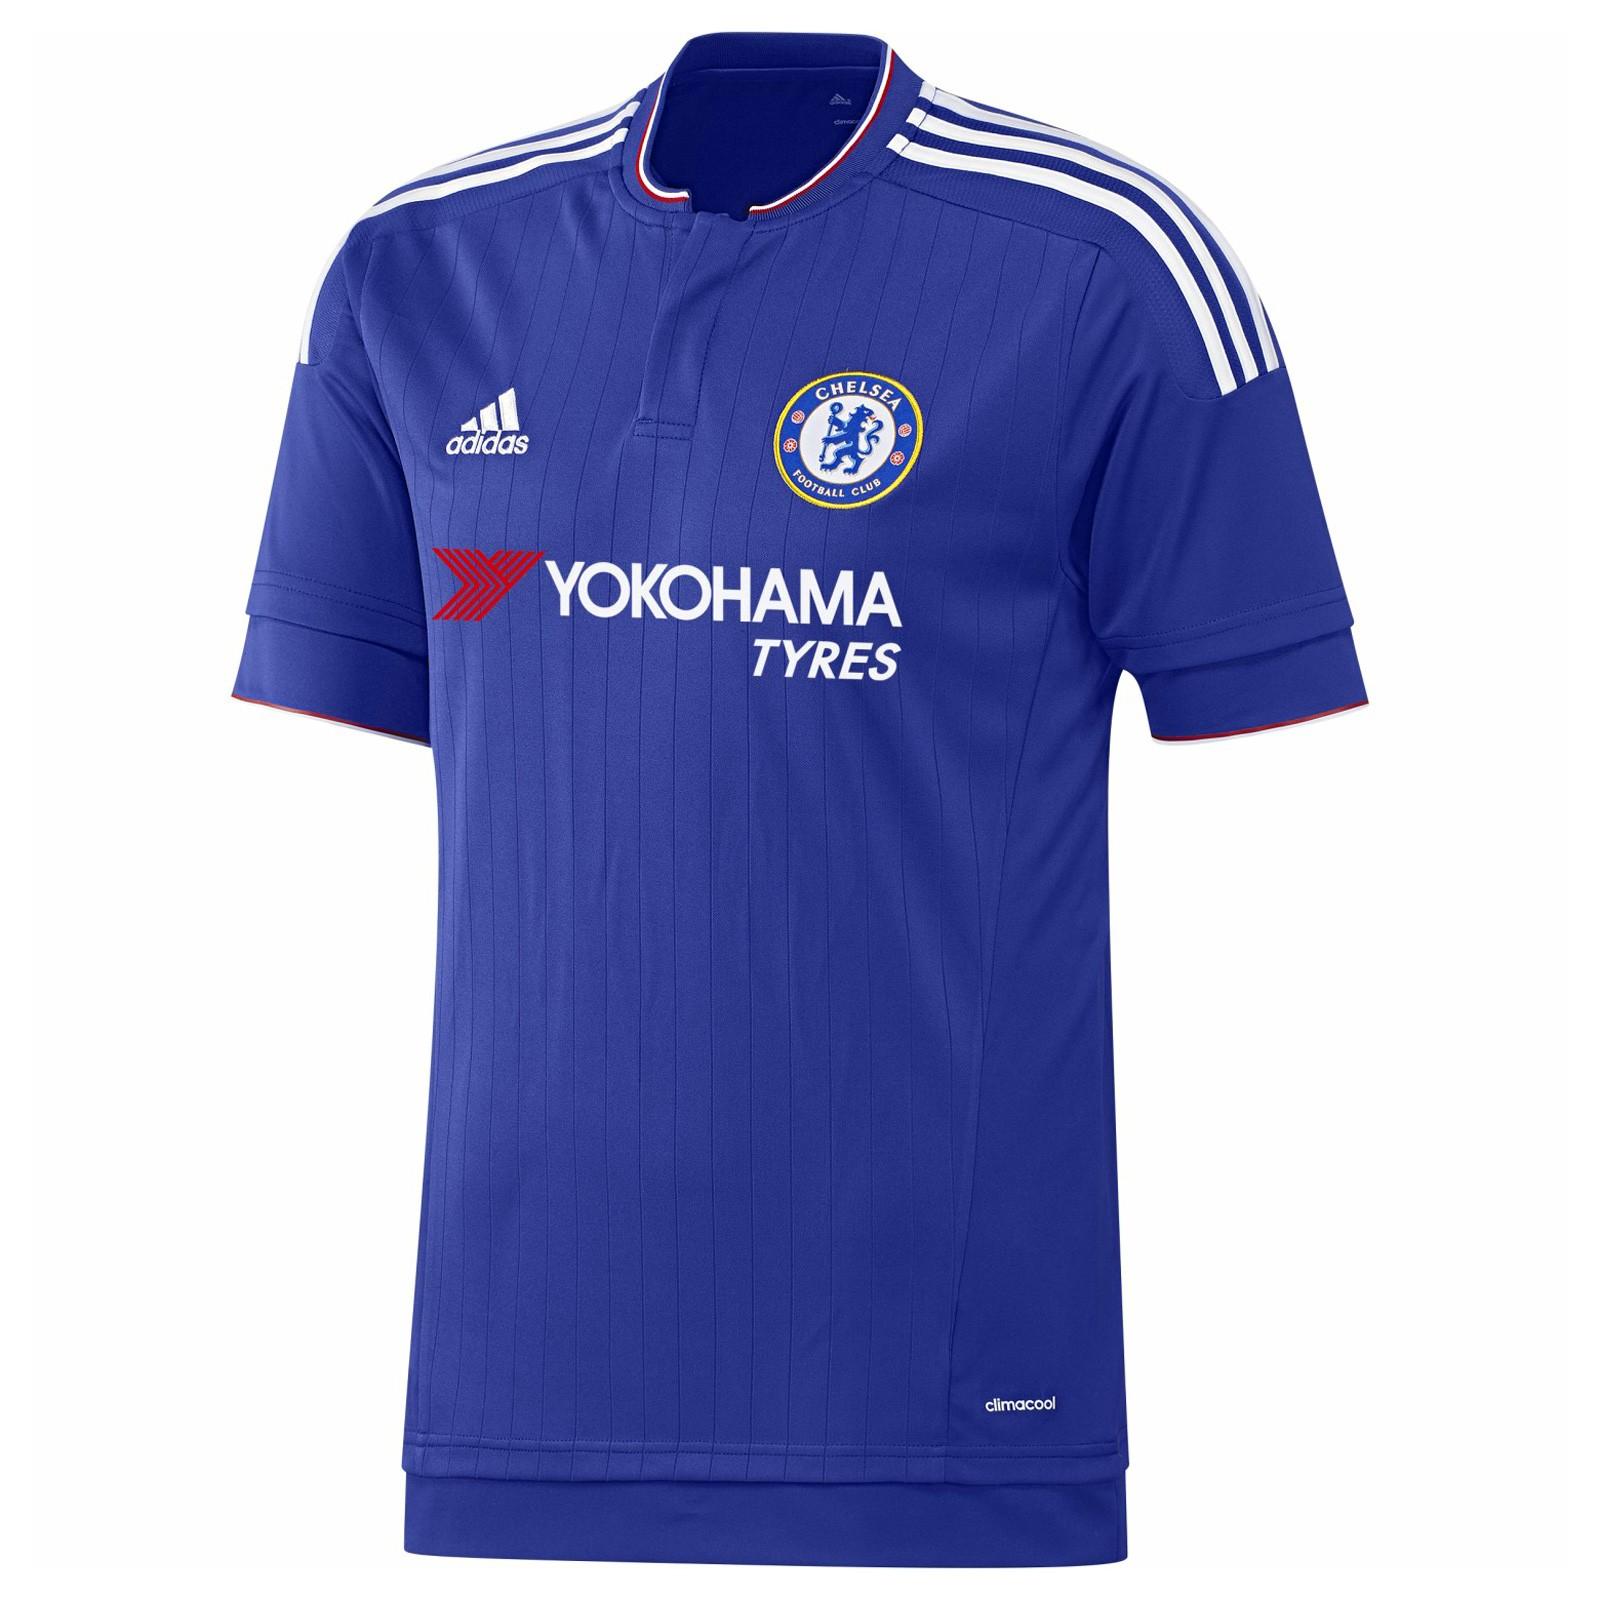 切尔西2015-16赛季球迷版主场球衣